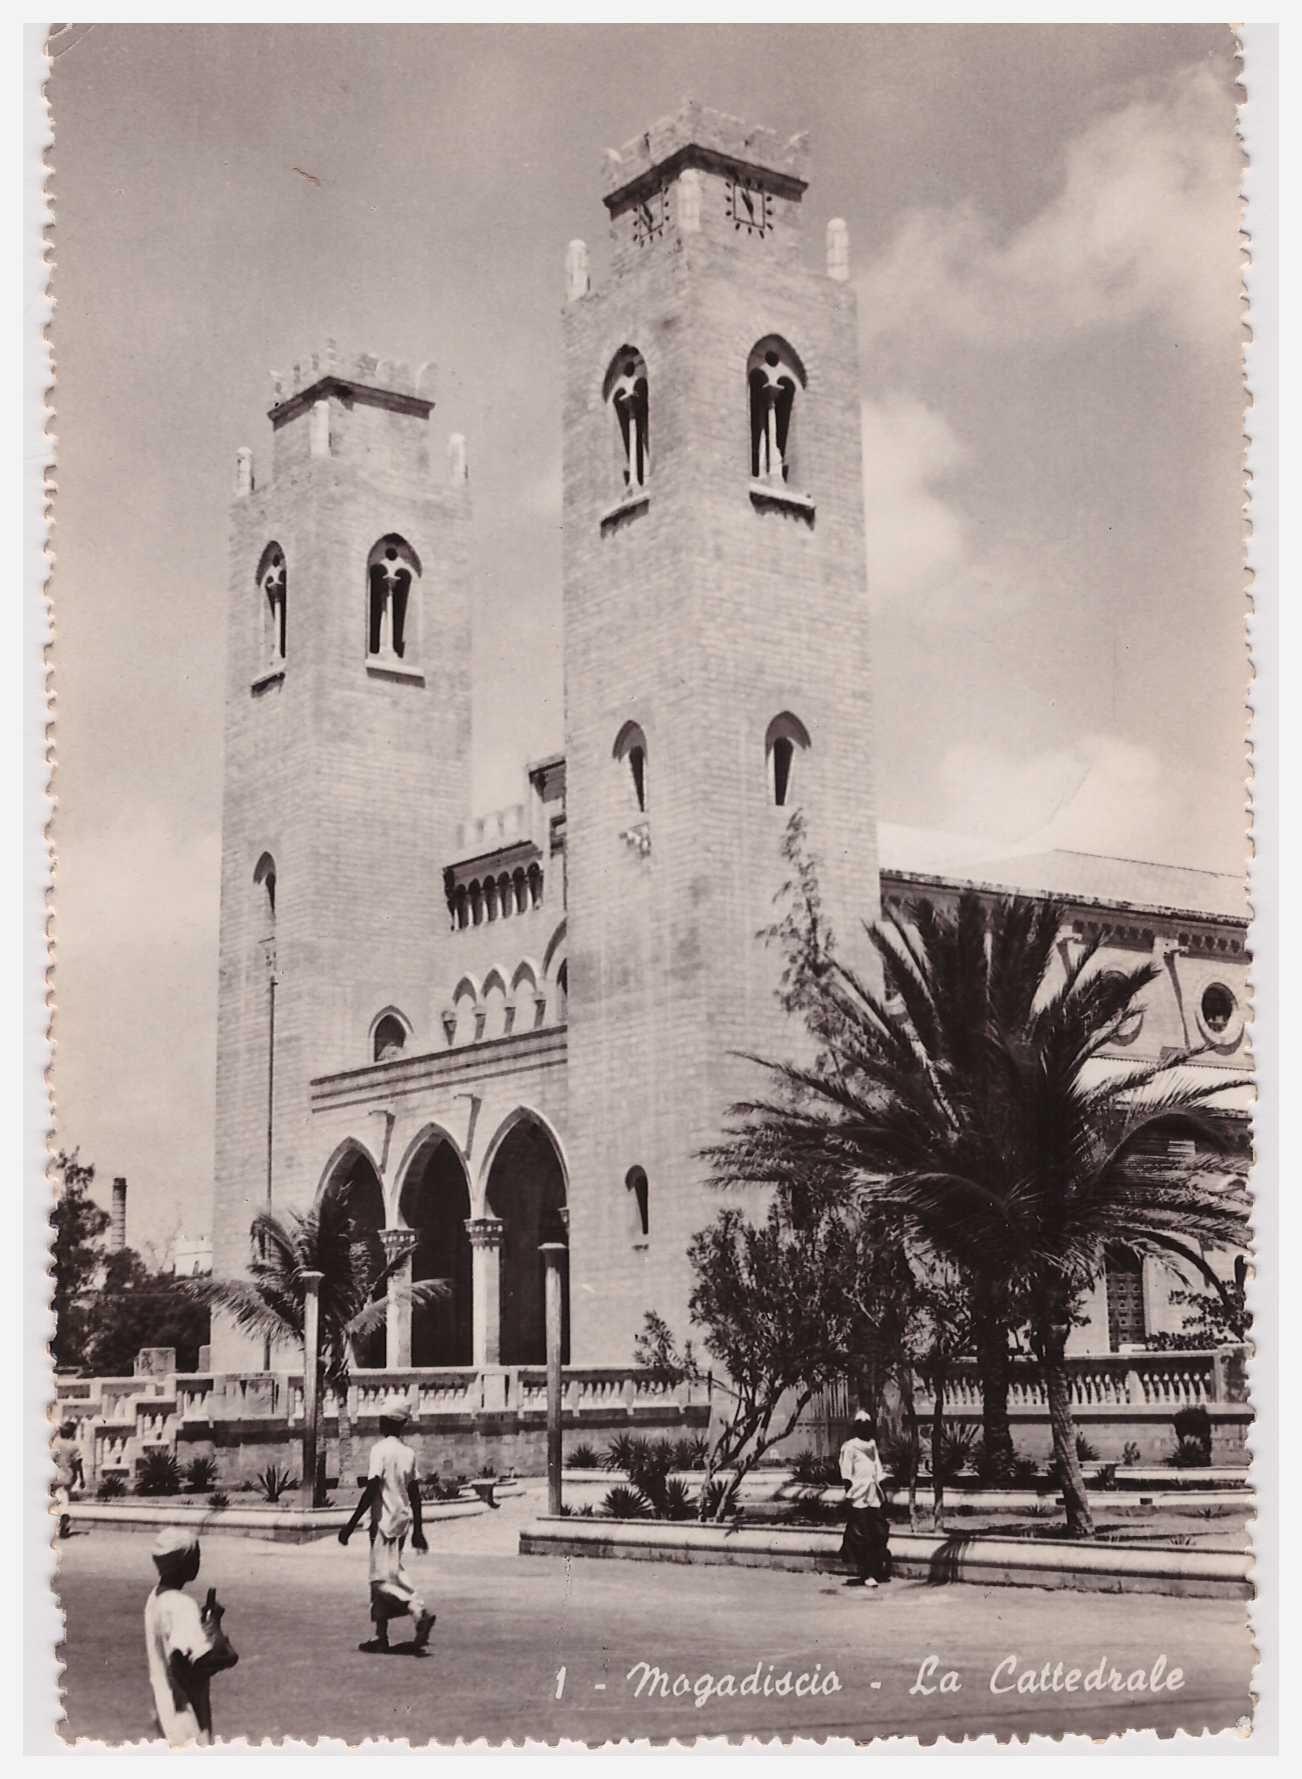 Mogadishu Images From The Past Mogadishu Colonial History Somalia